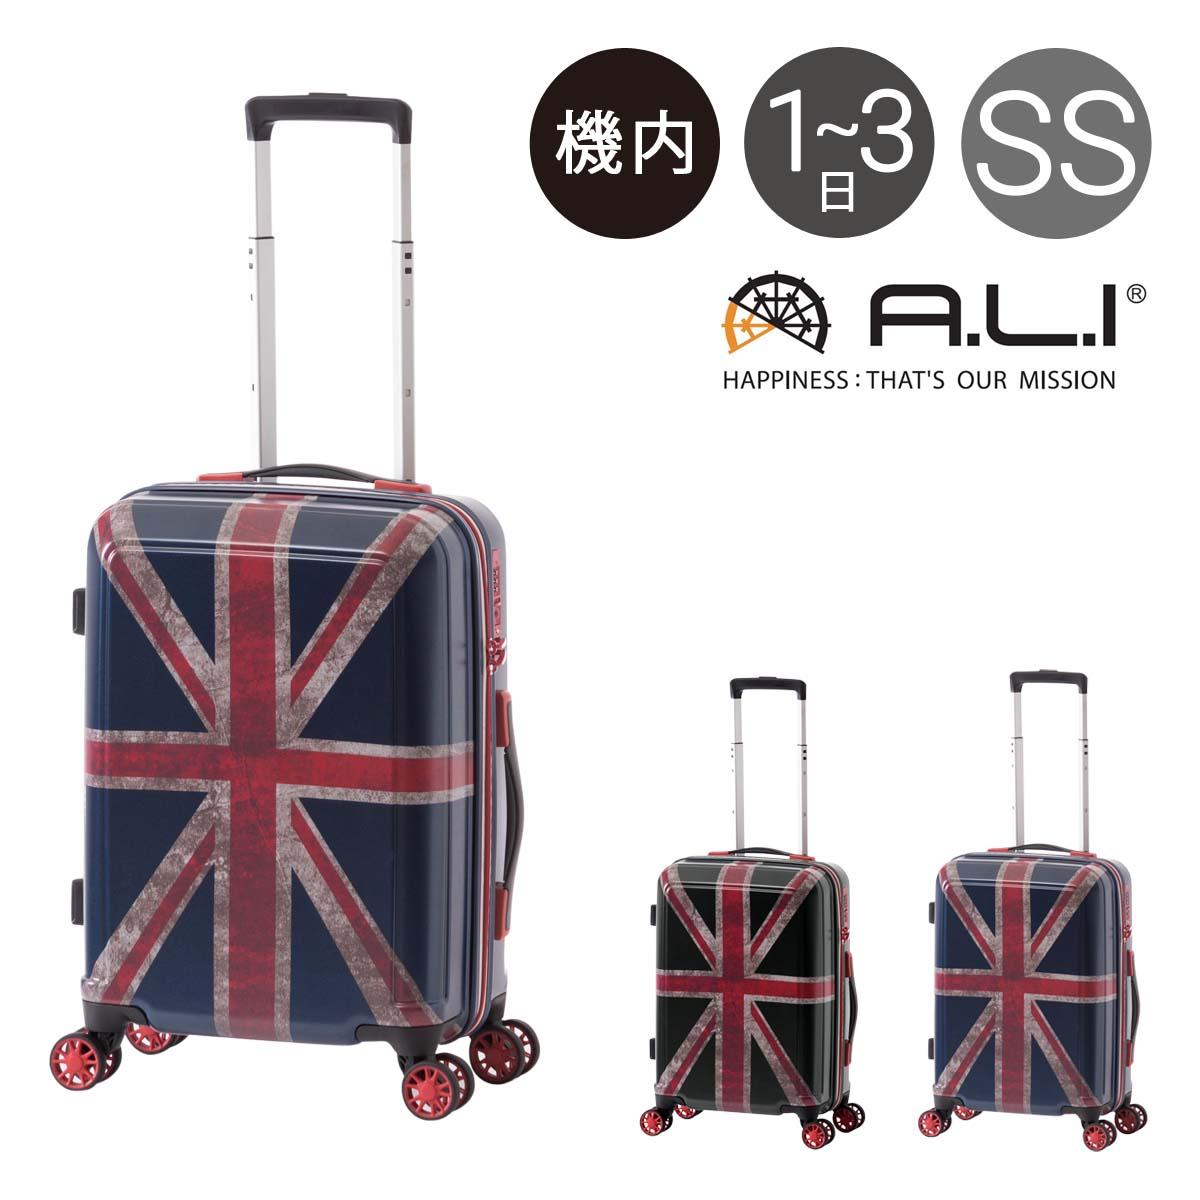 アジアラゲージ スーツケース 機内持ち込み 31L 54.5cm 2.5kg ユニオンジャック ALI-8933-18 A.L.I ハード ファスナー キャリーバッグ キャリーケース TSAロック搭載